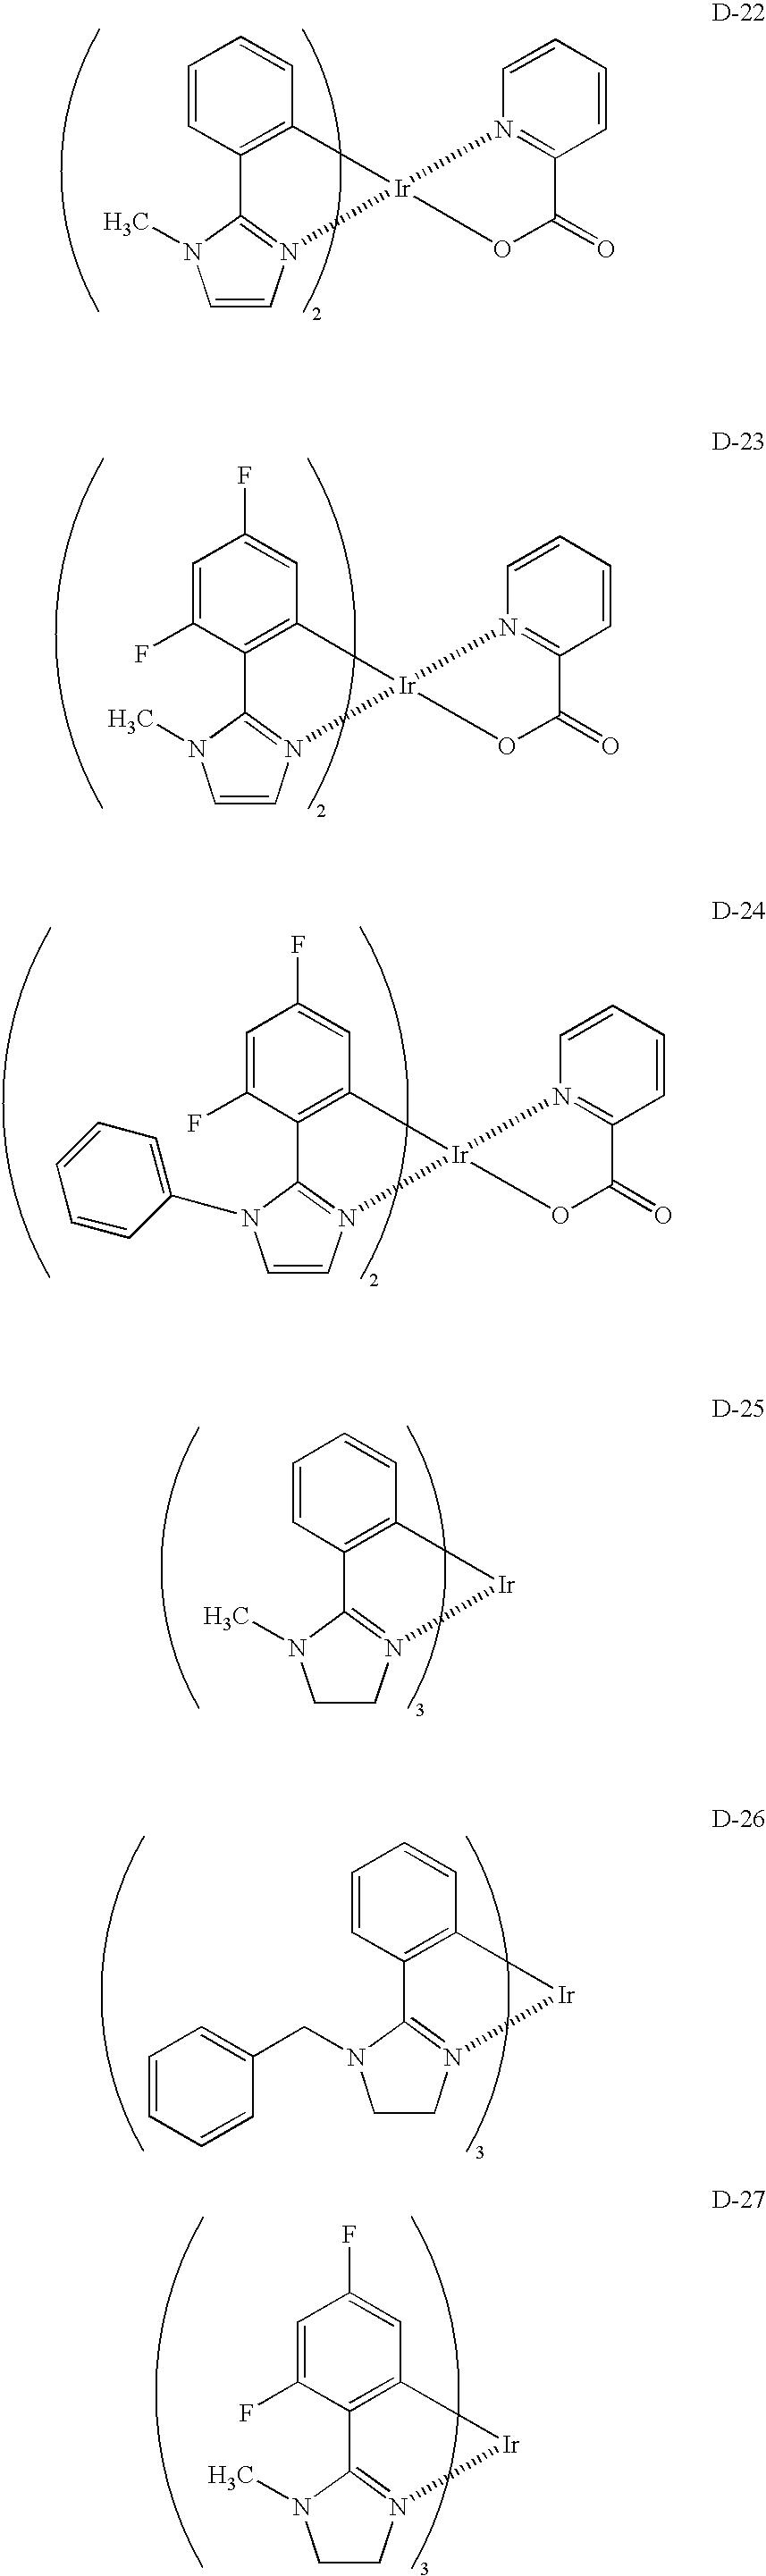 Figure US07504657-20090317-C00008